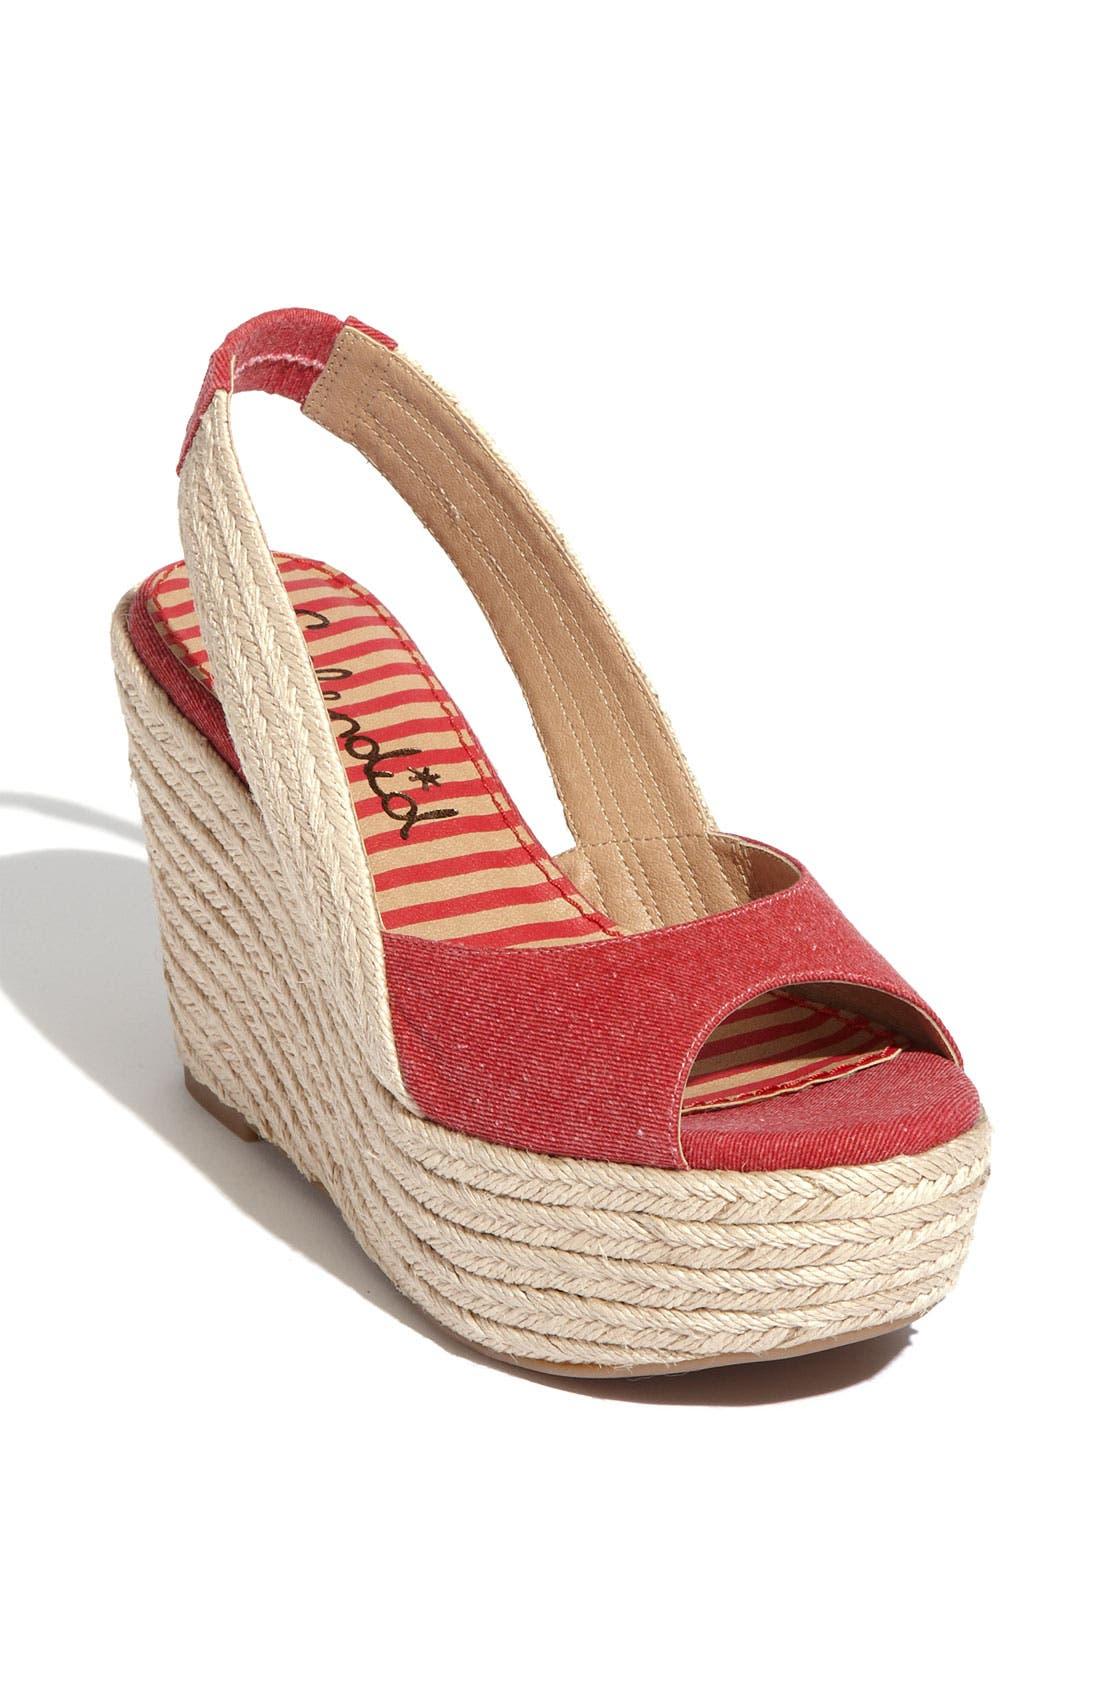 Main Image - Splendid 'Perfect' Espadrille Sandal